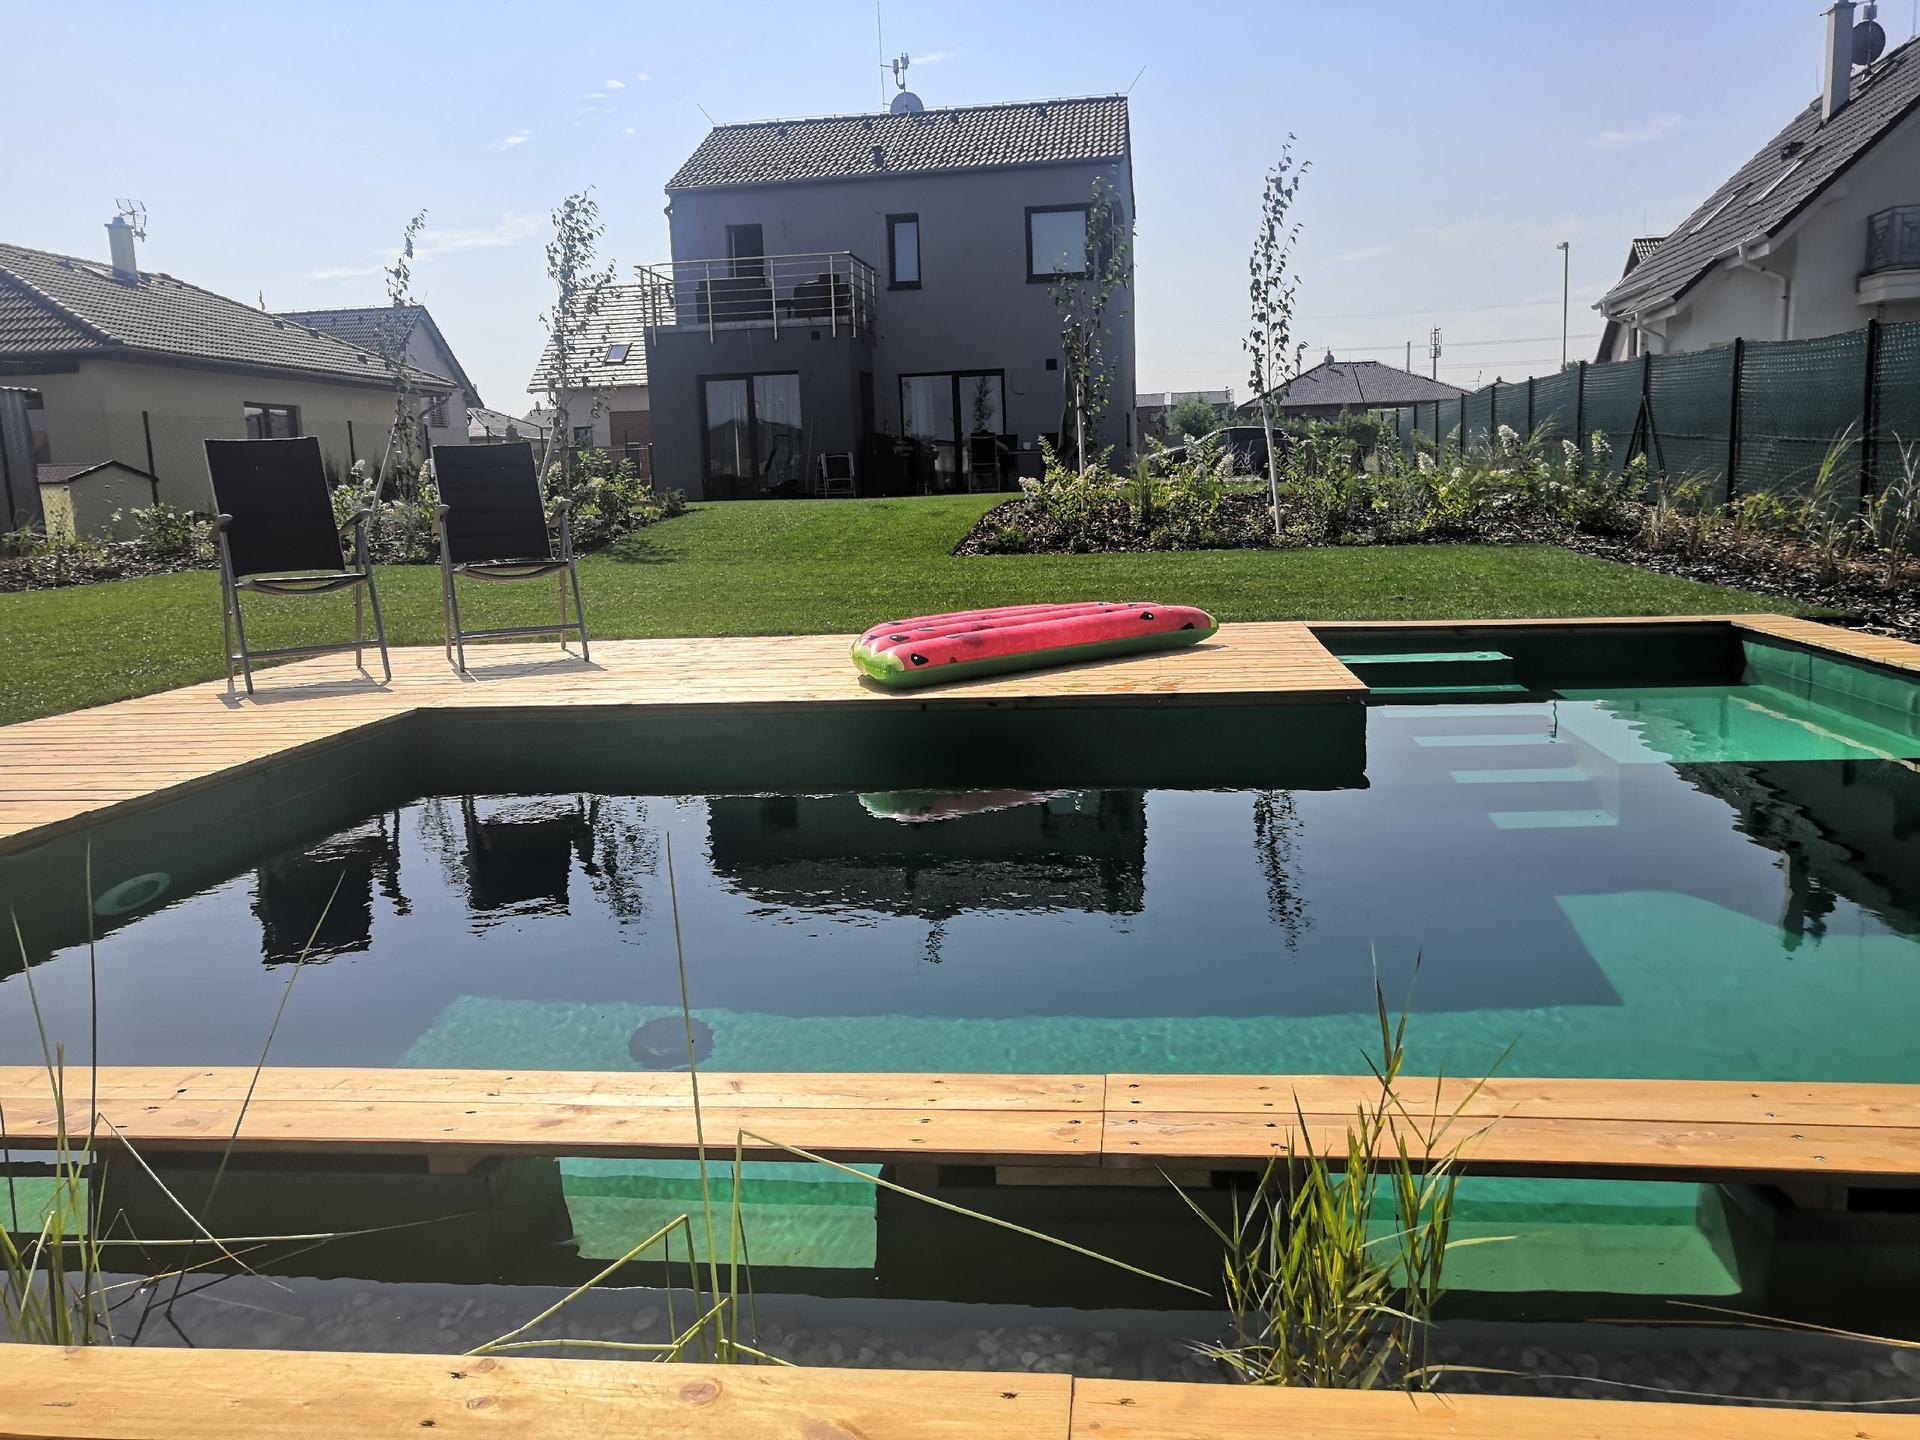 Zahrada na klíč - 30.7.2020 Bio bazén - filtrační systém UV světla, který ničí bakterie. Technická místnost je schovaná pod dřevěnou terasou. Kytičky v tak malém množství nejsou schopny celý objem vyčistit. Vše je bez chemie.